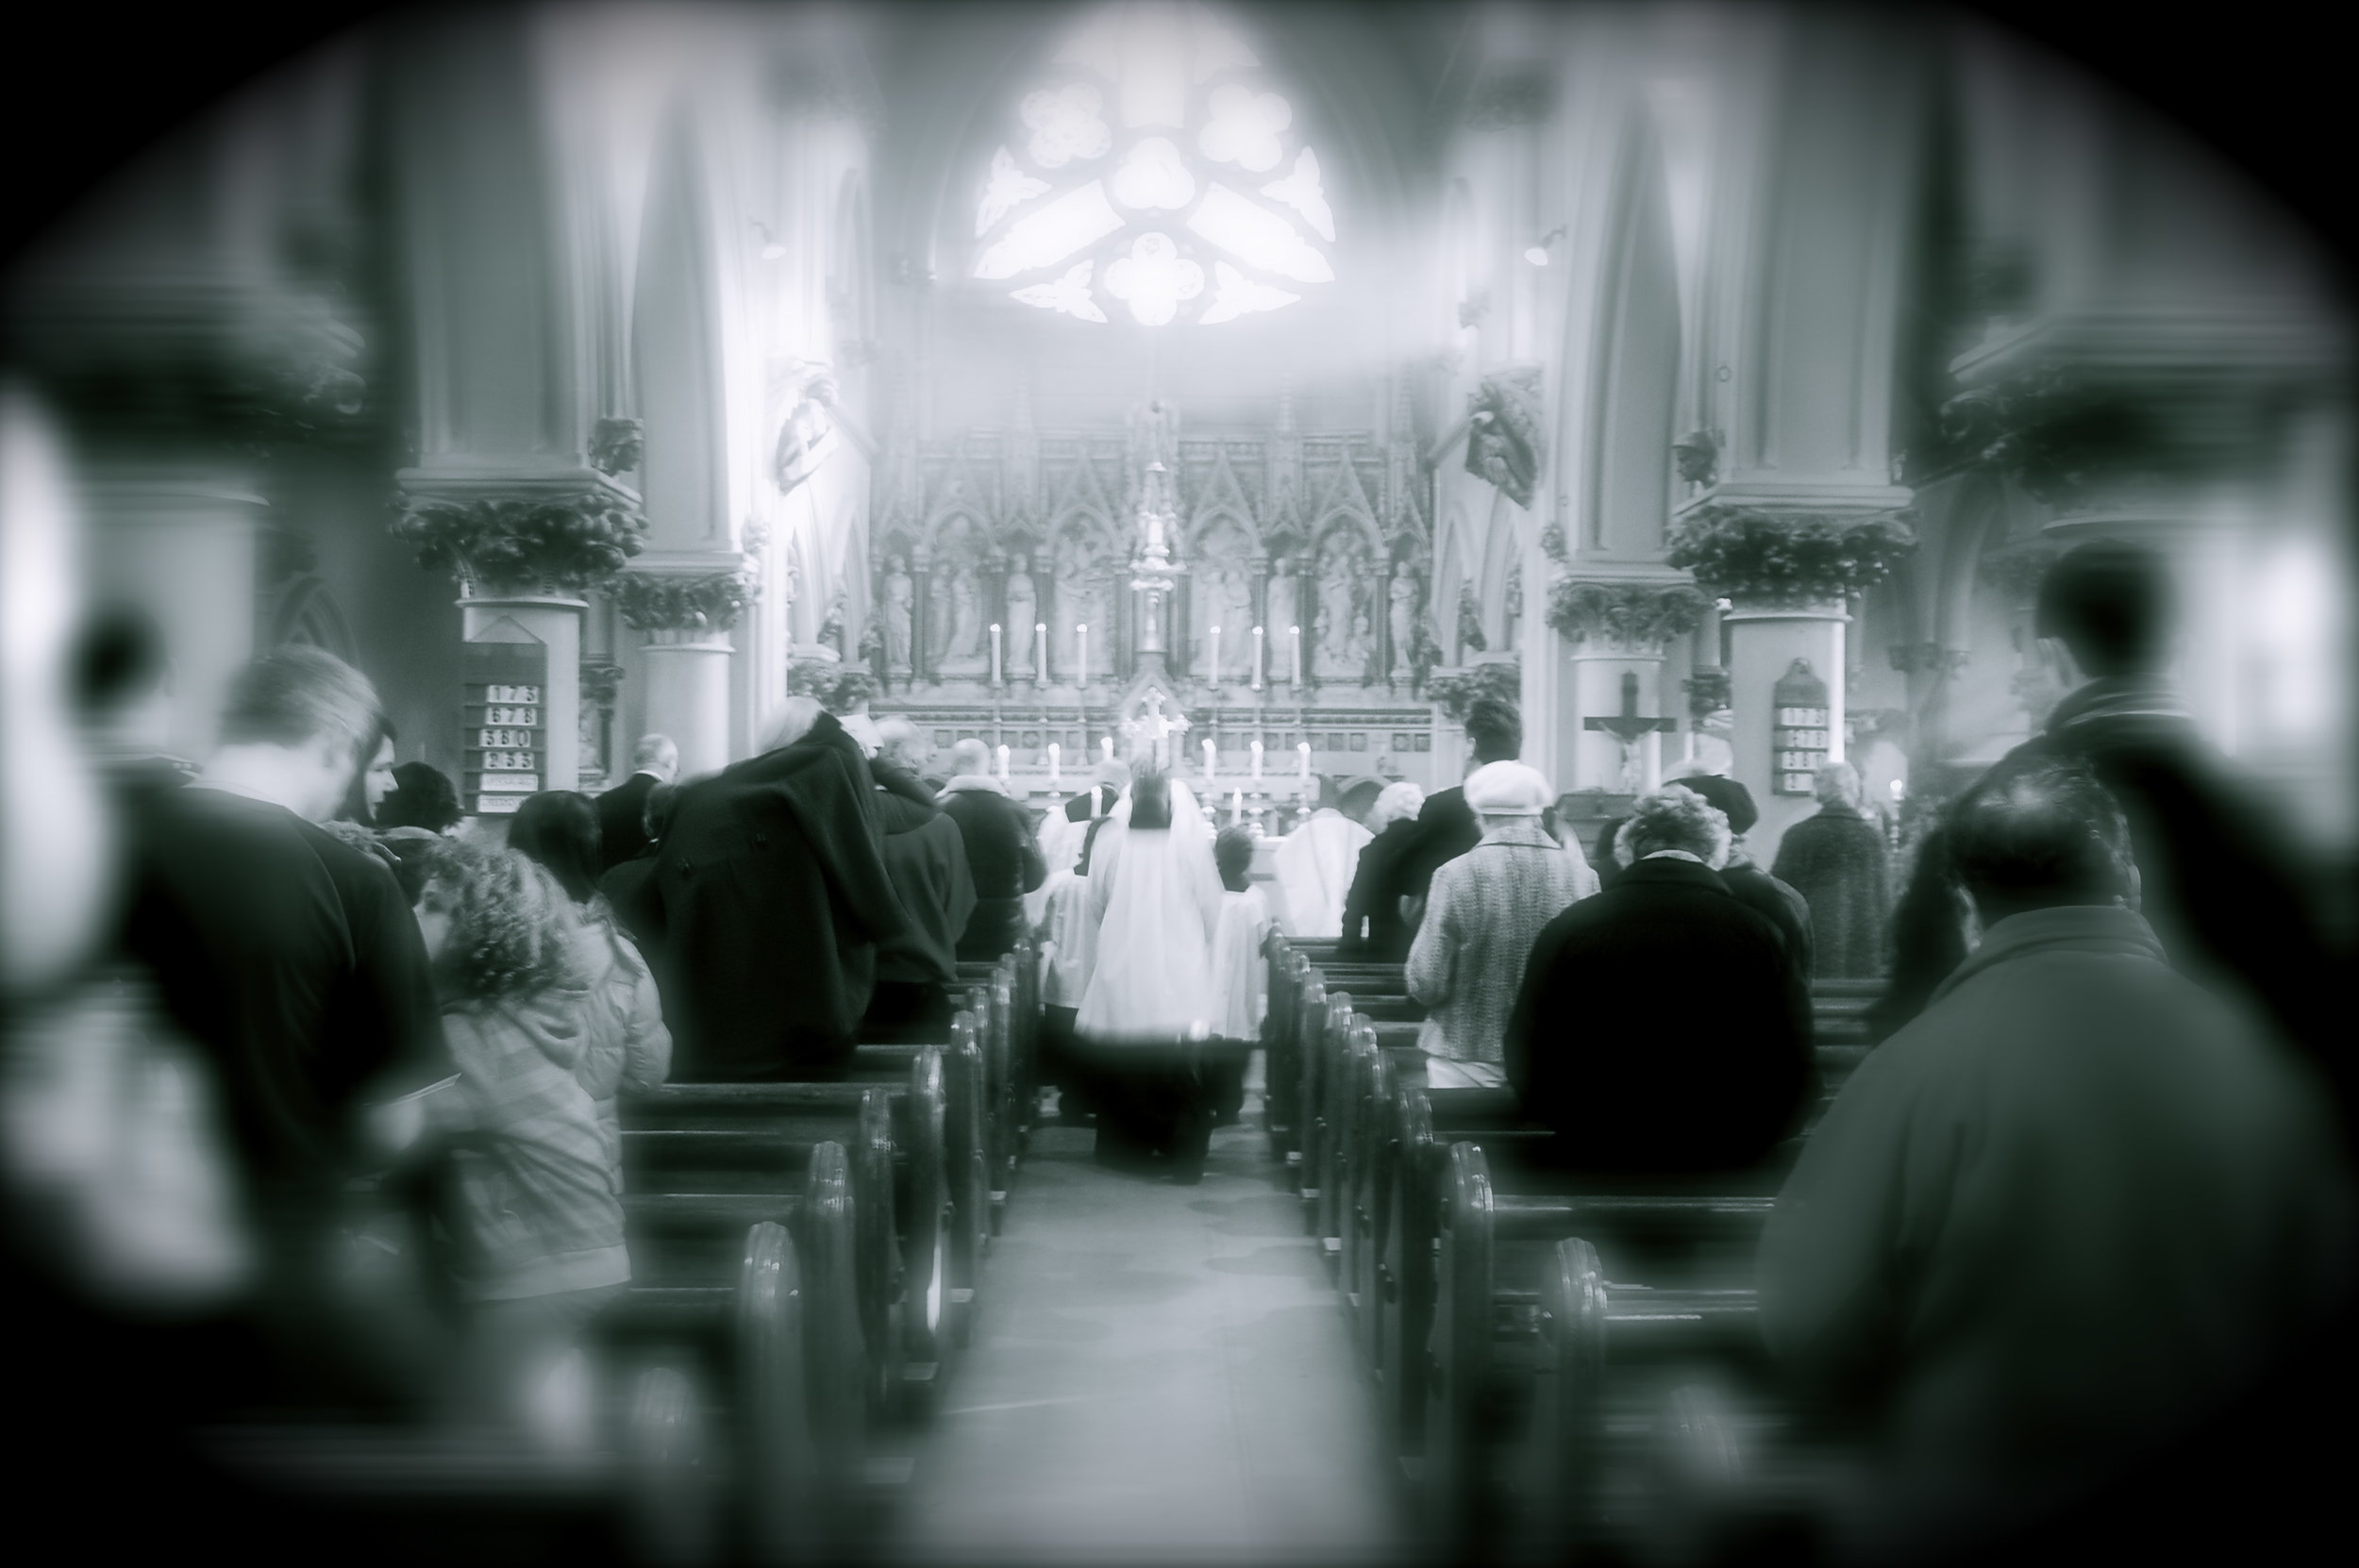 christ u0027s wedding day u2014 old fashioned